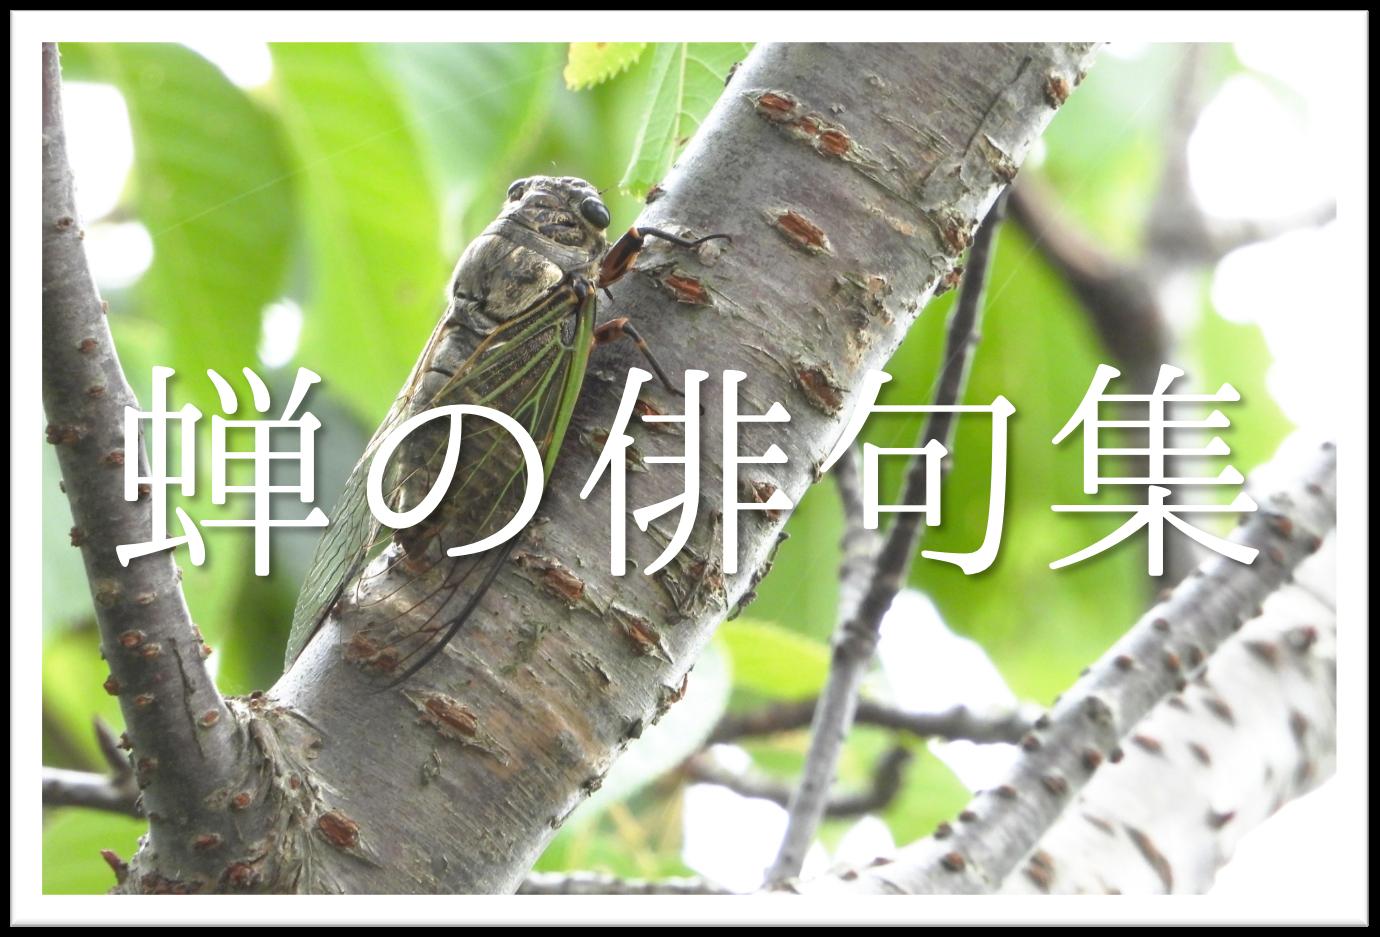 【蝉(せみ)の俳句 30選】小学生向け!!季語を含むおすすめ有名&素人俳句を紹介!